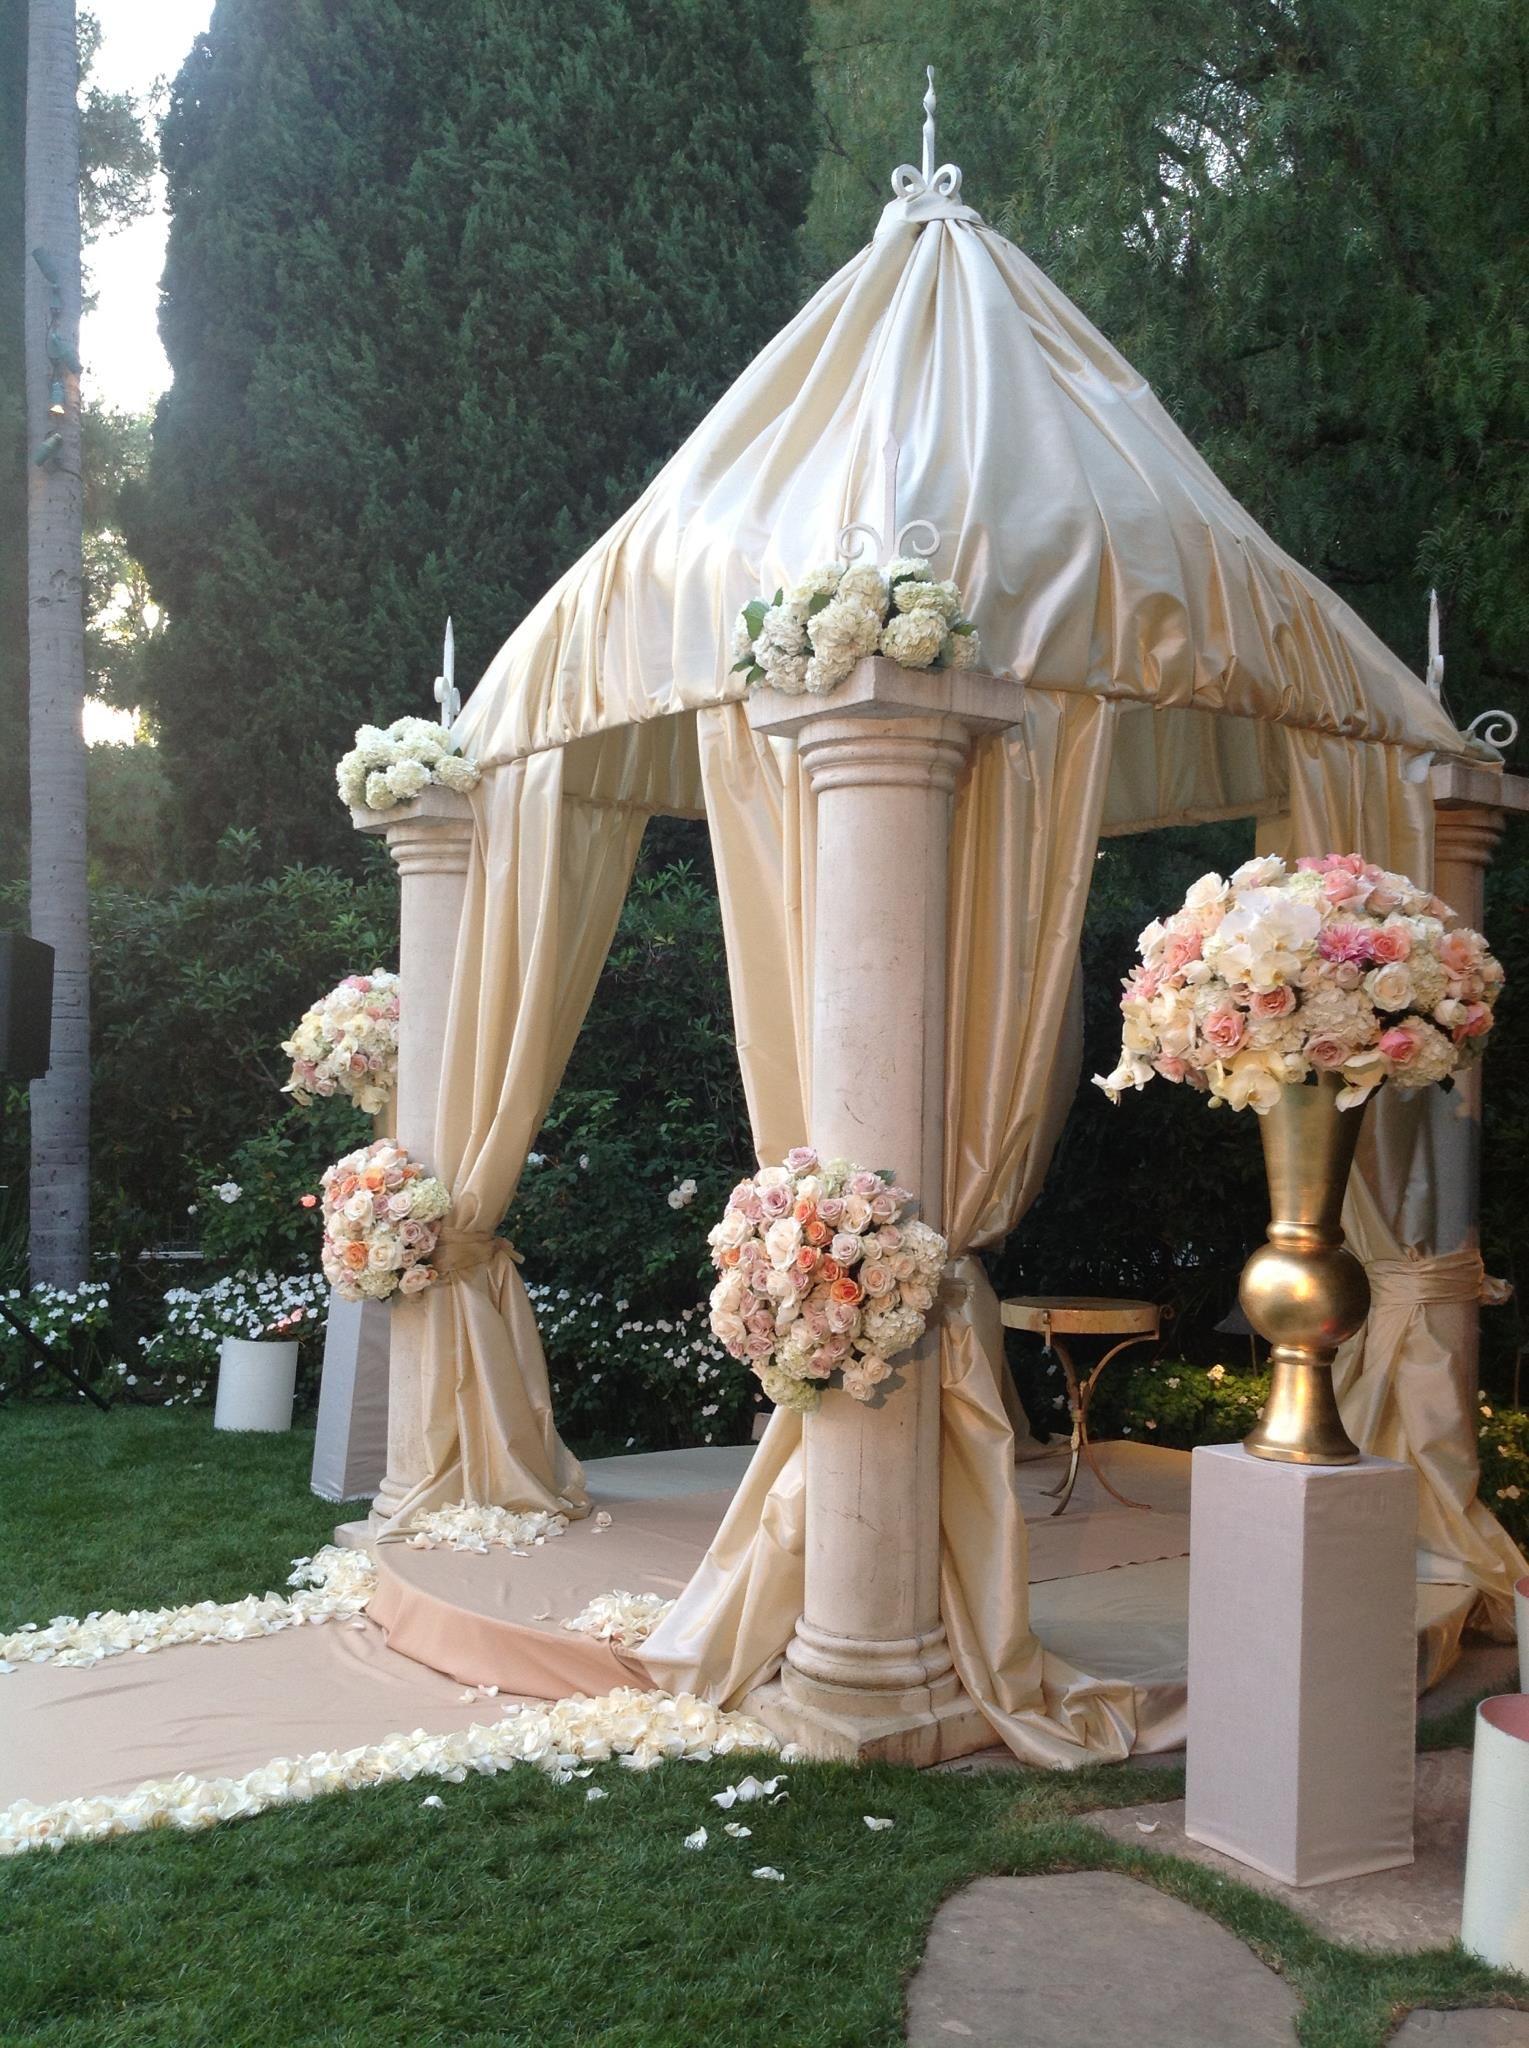 Wedding mandap decoration images  Indian Wedding MandapDecor dea  lovely  Pinterest  Weddings